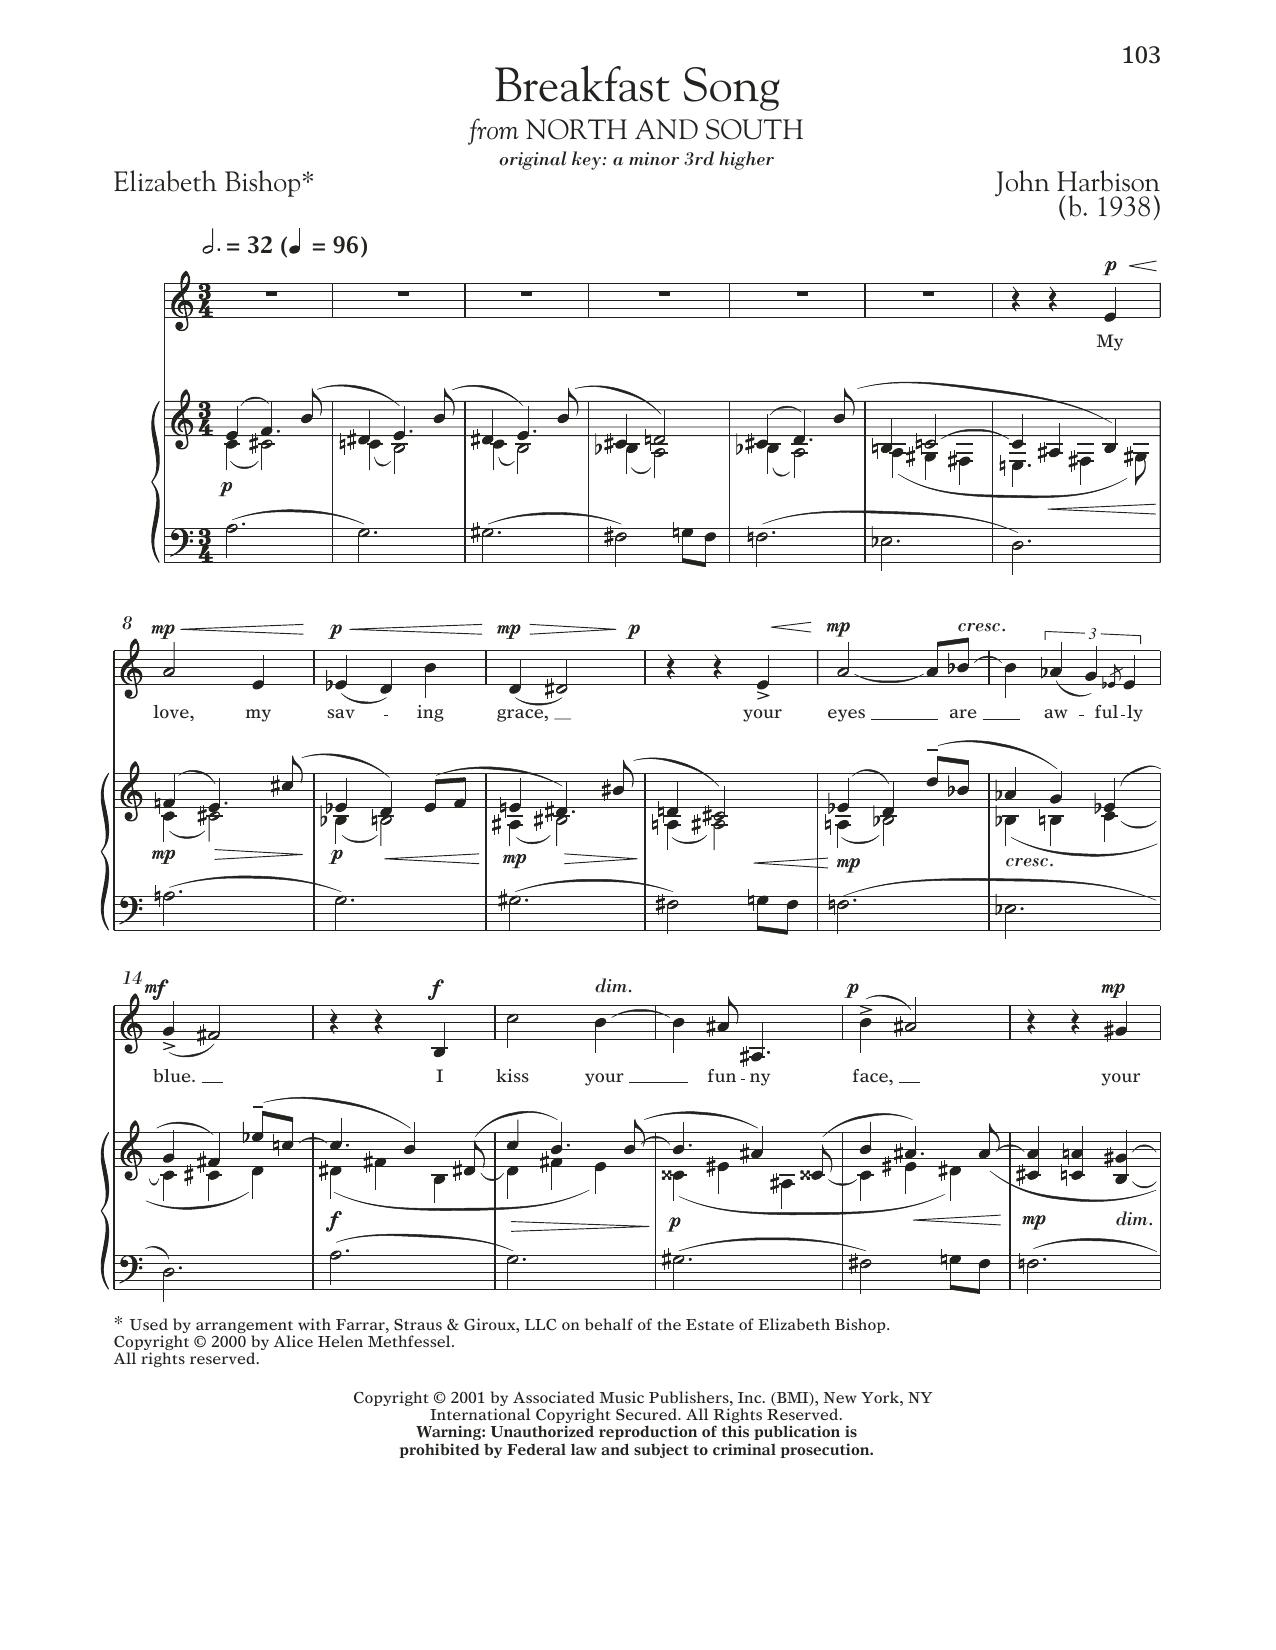 John Harbison - Breakfast Song